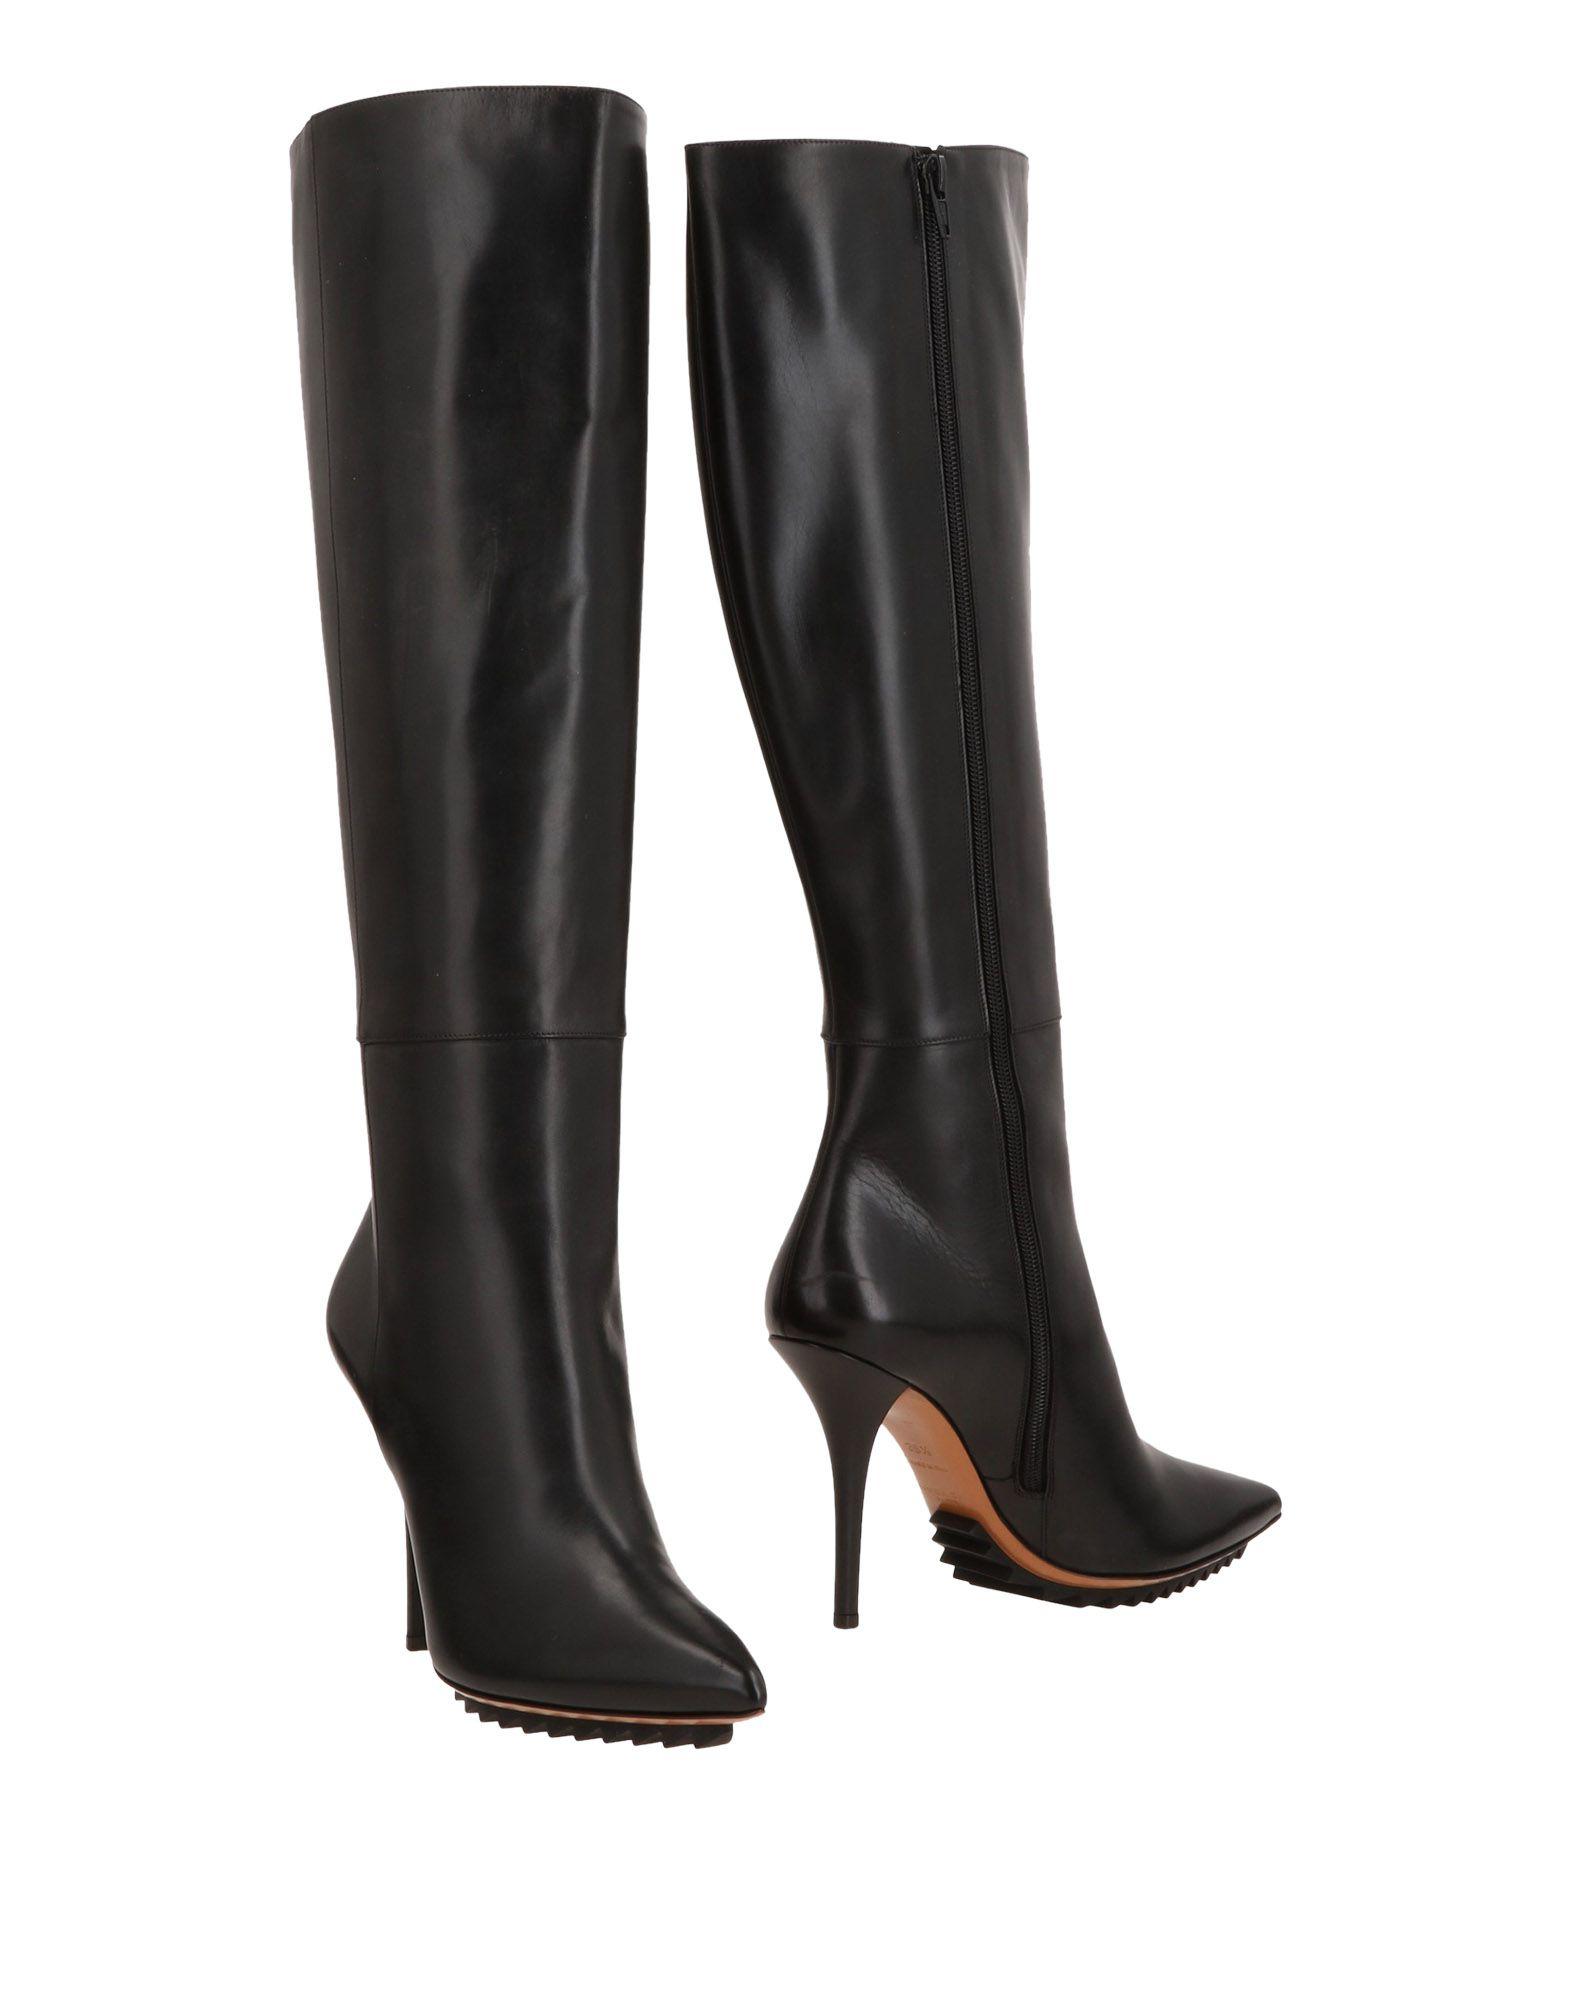 Givenchy Stiefel Damen  11453637IQGünstige Schuhe gut aussehende Schuhe 11453637IQGünstige f51f39